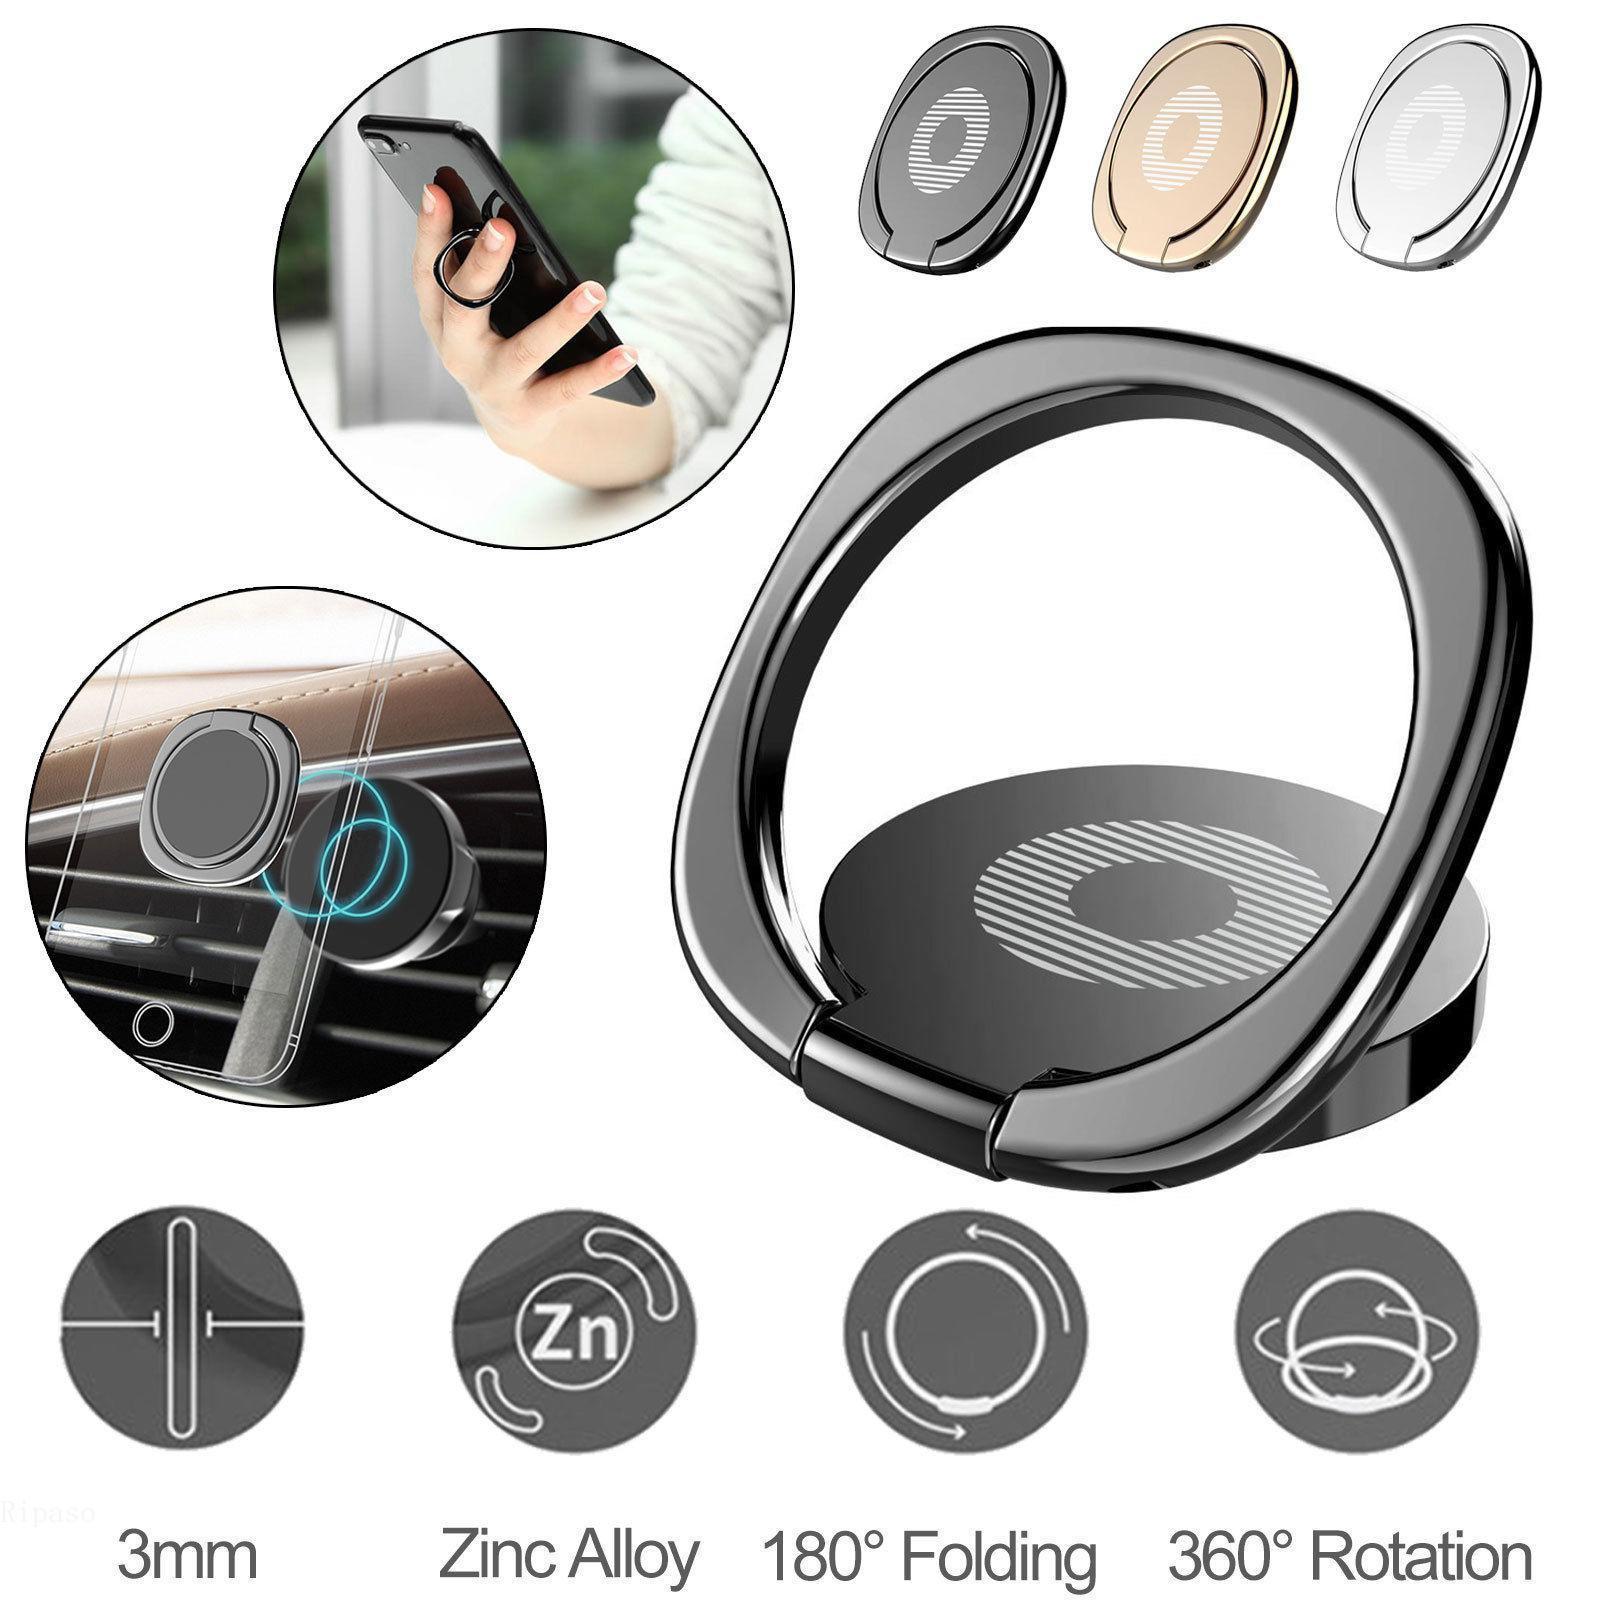 Soporte del teléfono del soporte del anillo del dedo de 360 ° Soporte del escritorio Soporte magnético del teléfono de la placa de metal del coche Soportes del teléfono inteligente